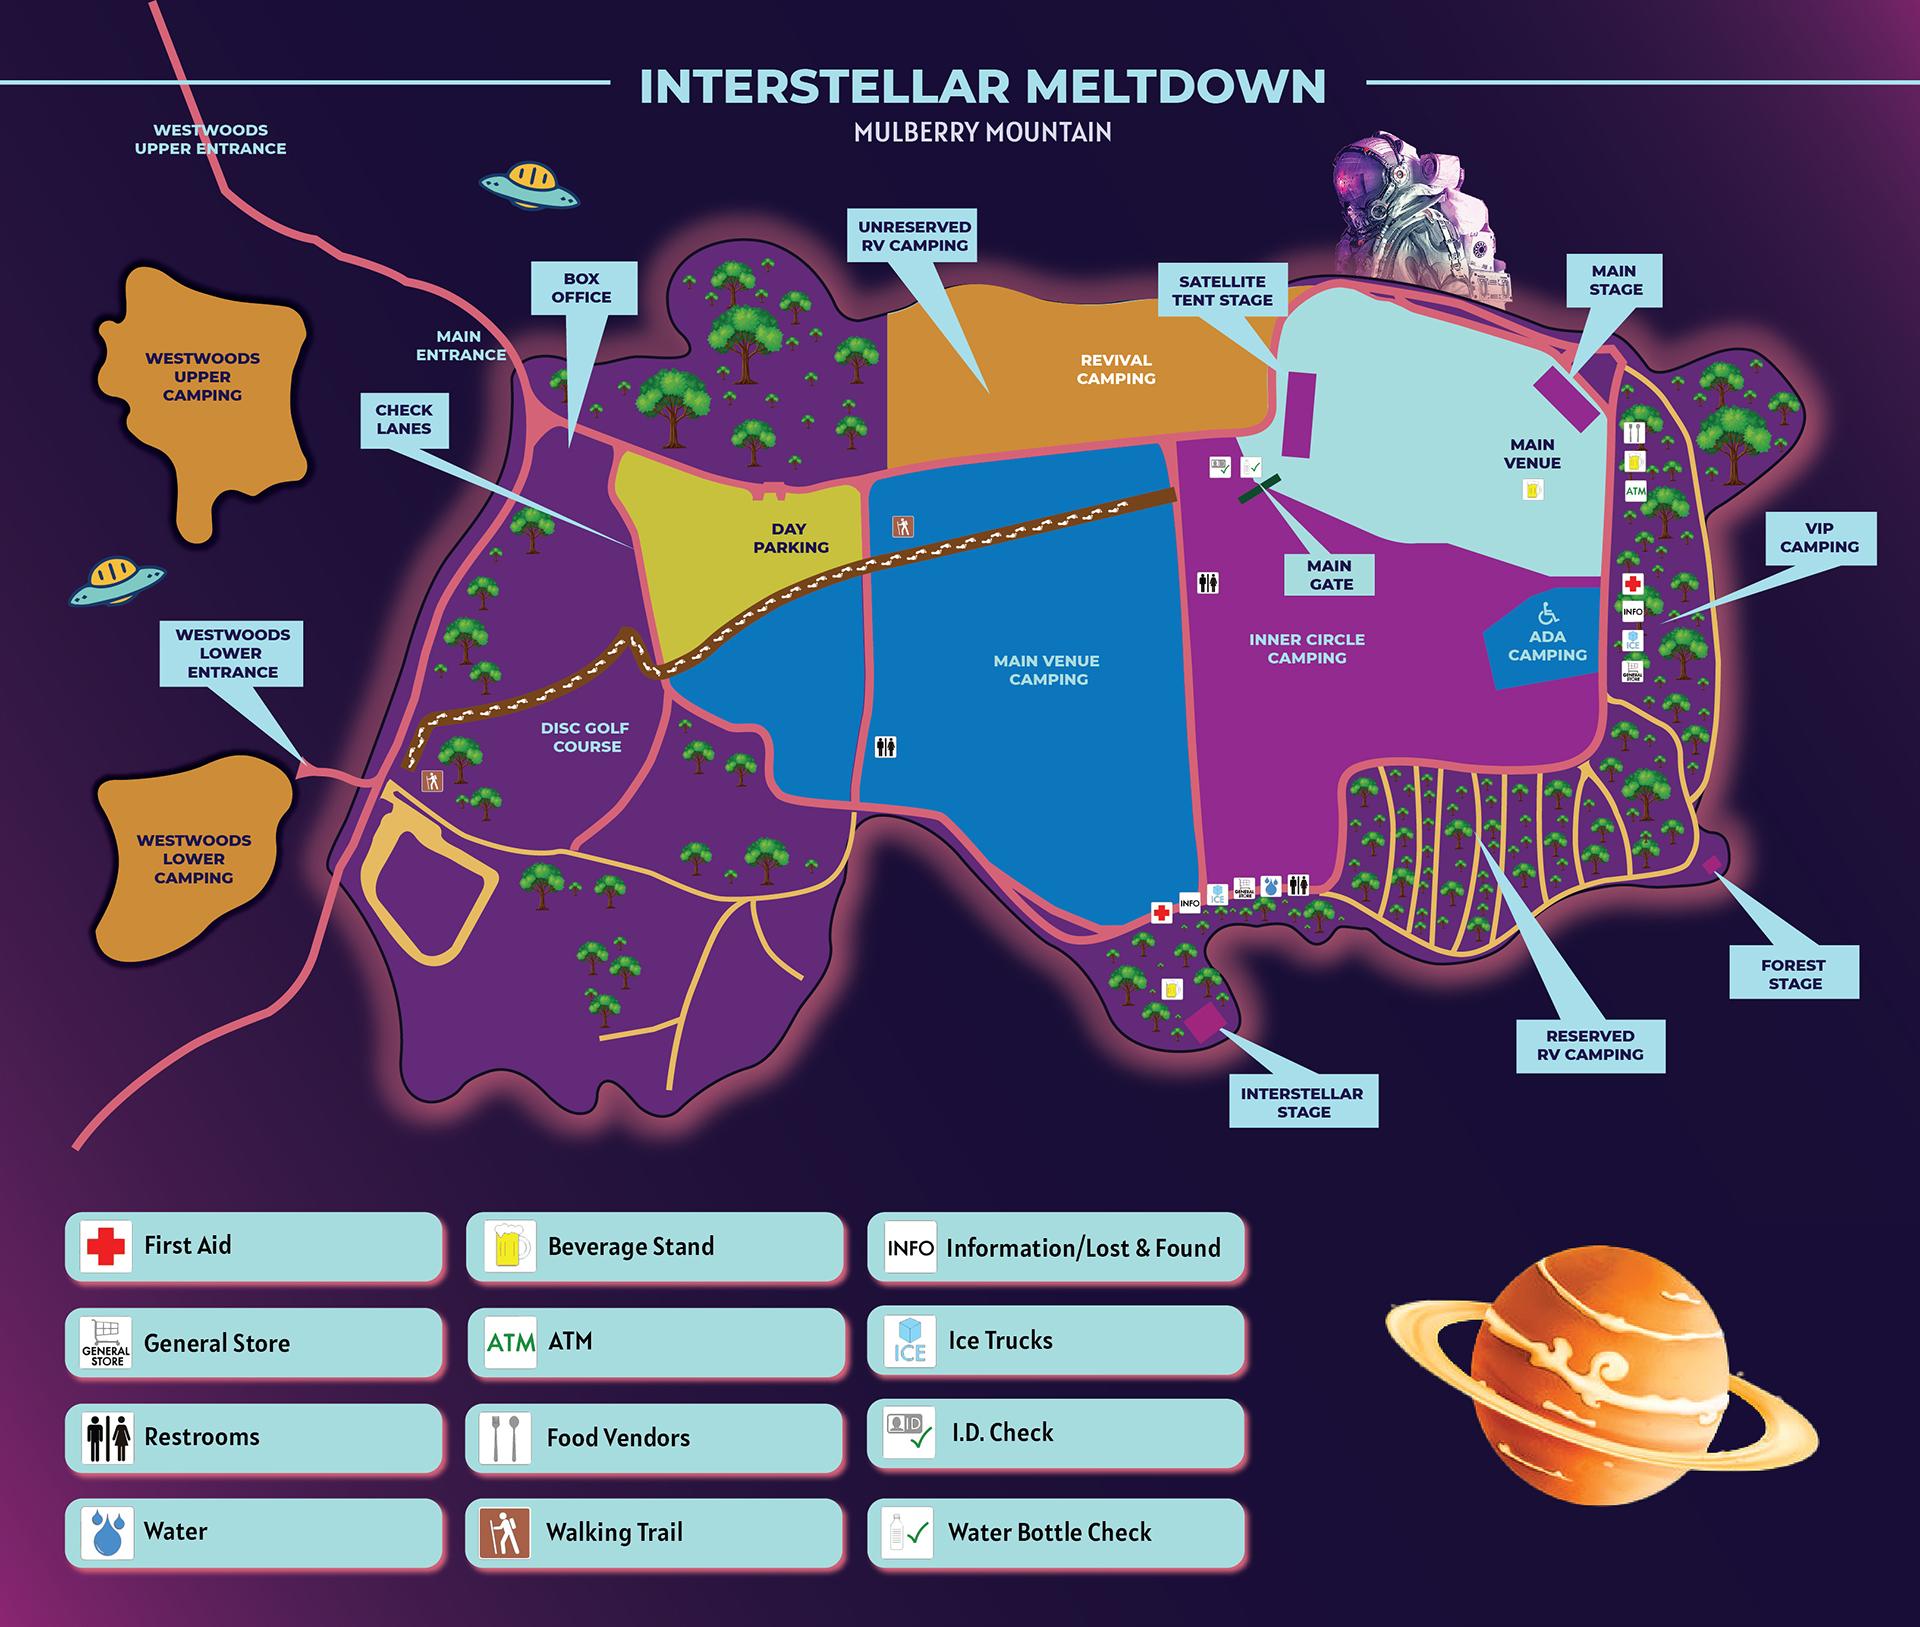 interstellar meltdown 2021 map